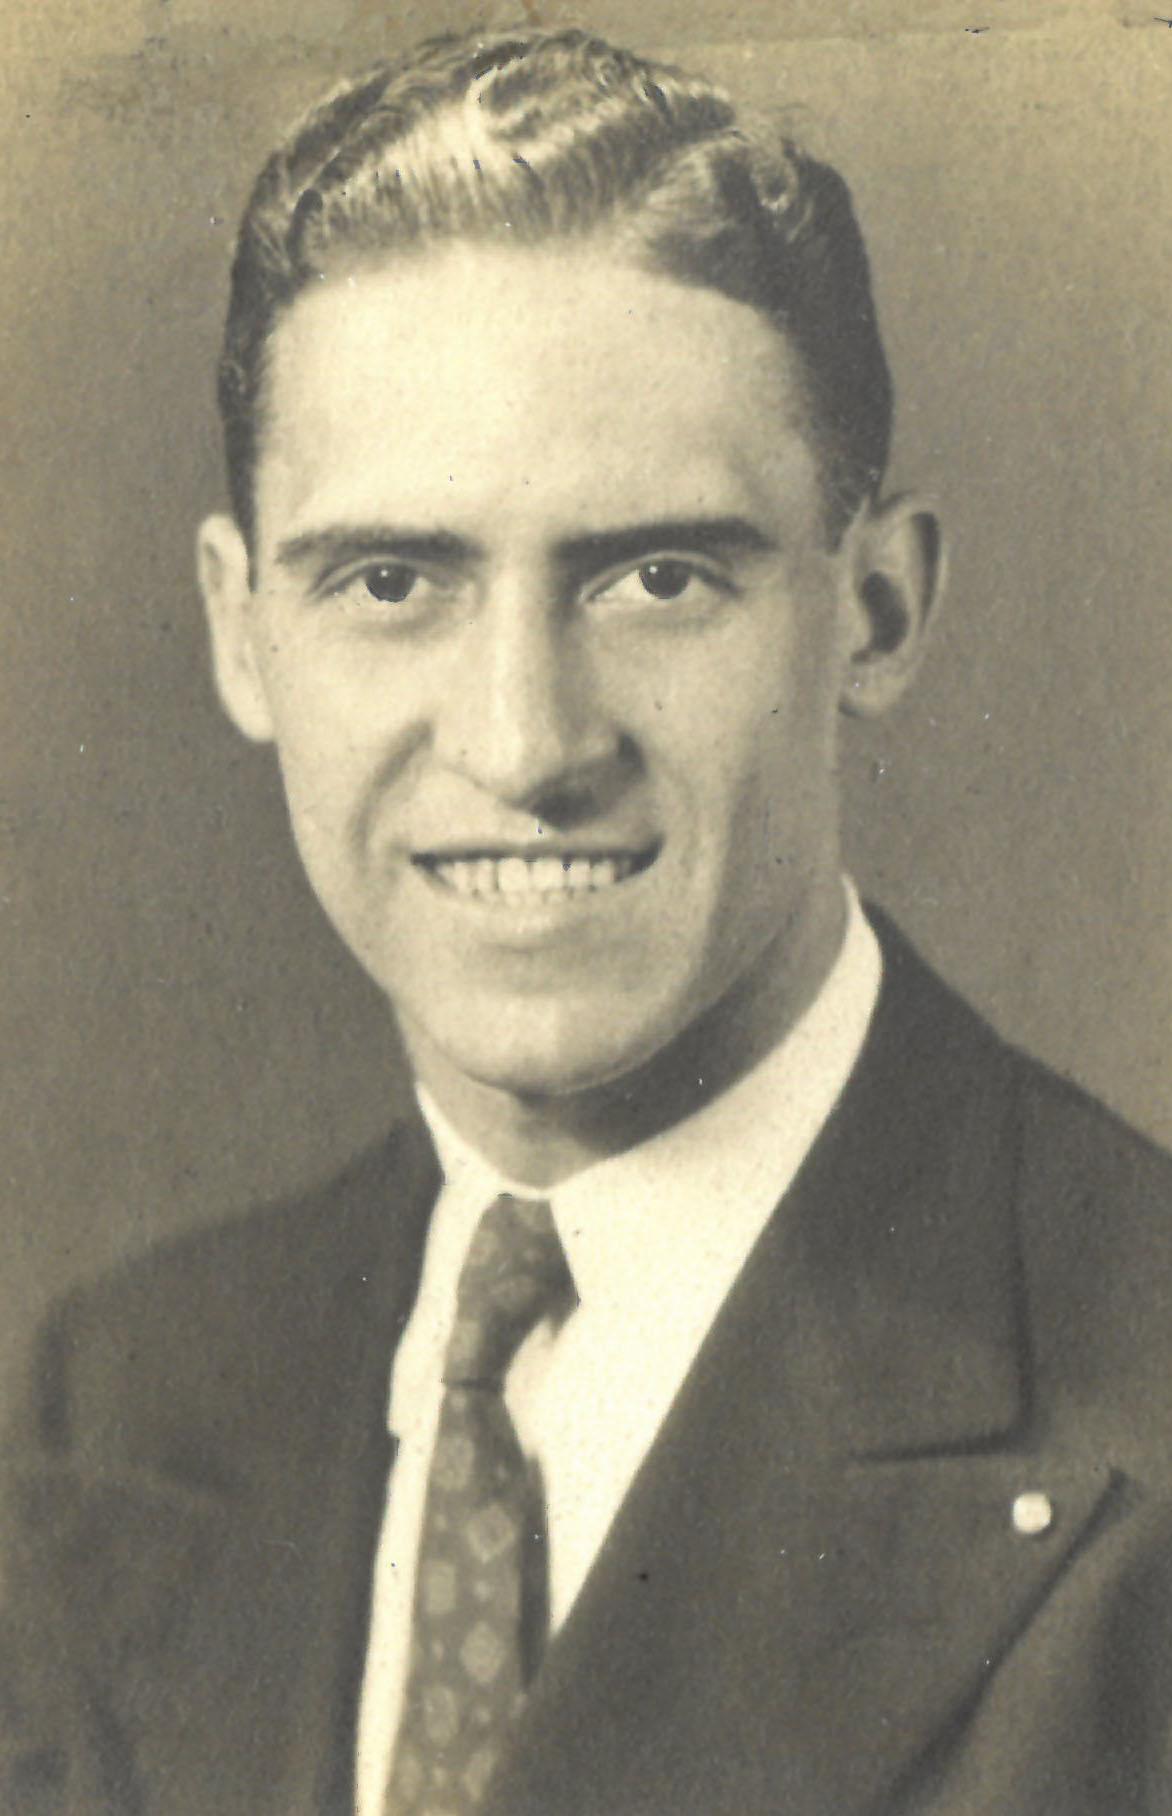 Michael A. Rannelli